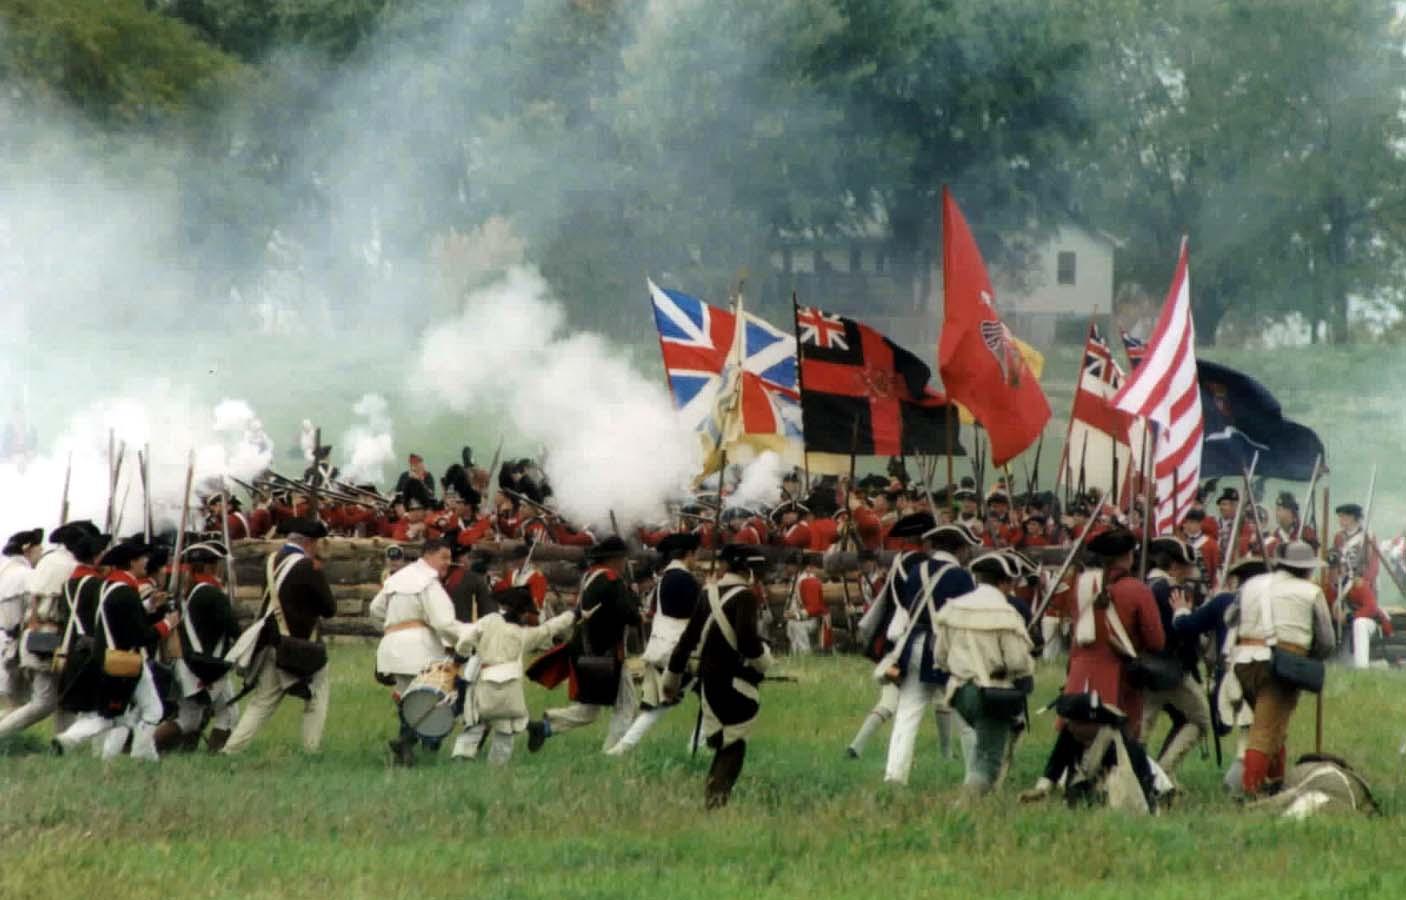 A reenactment of the battle